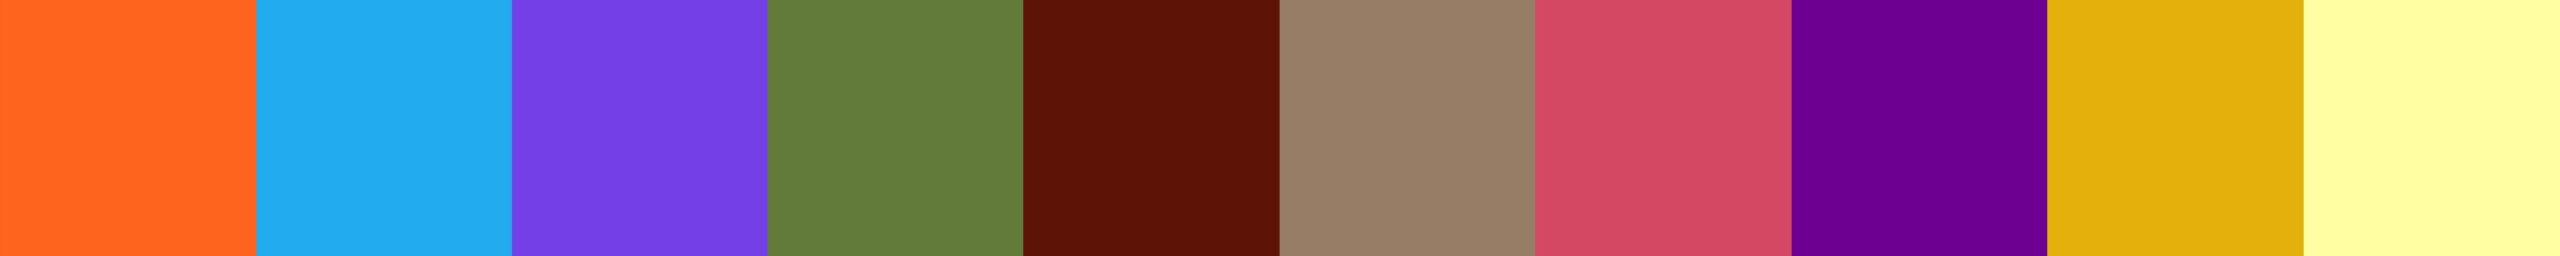 493 Easmia Color Palette